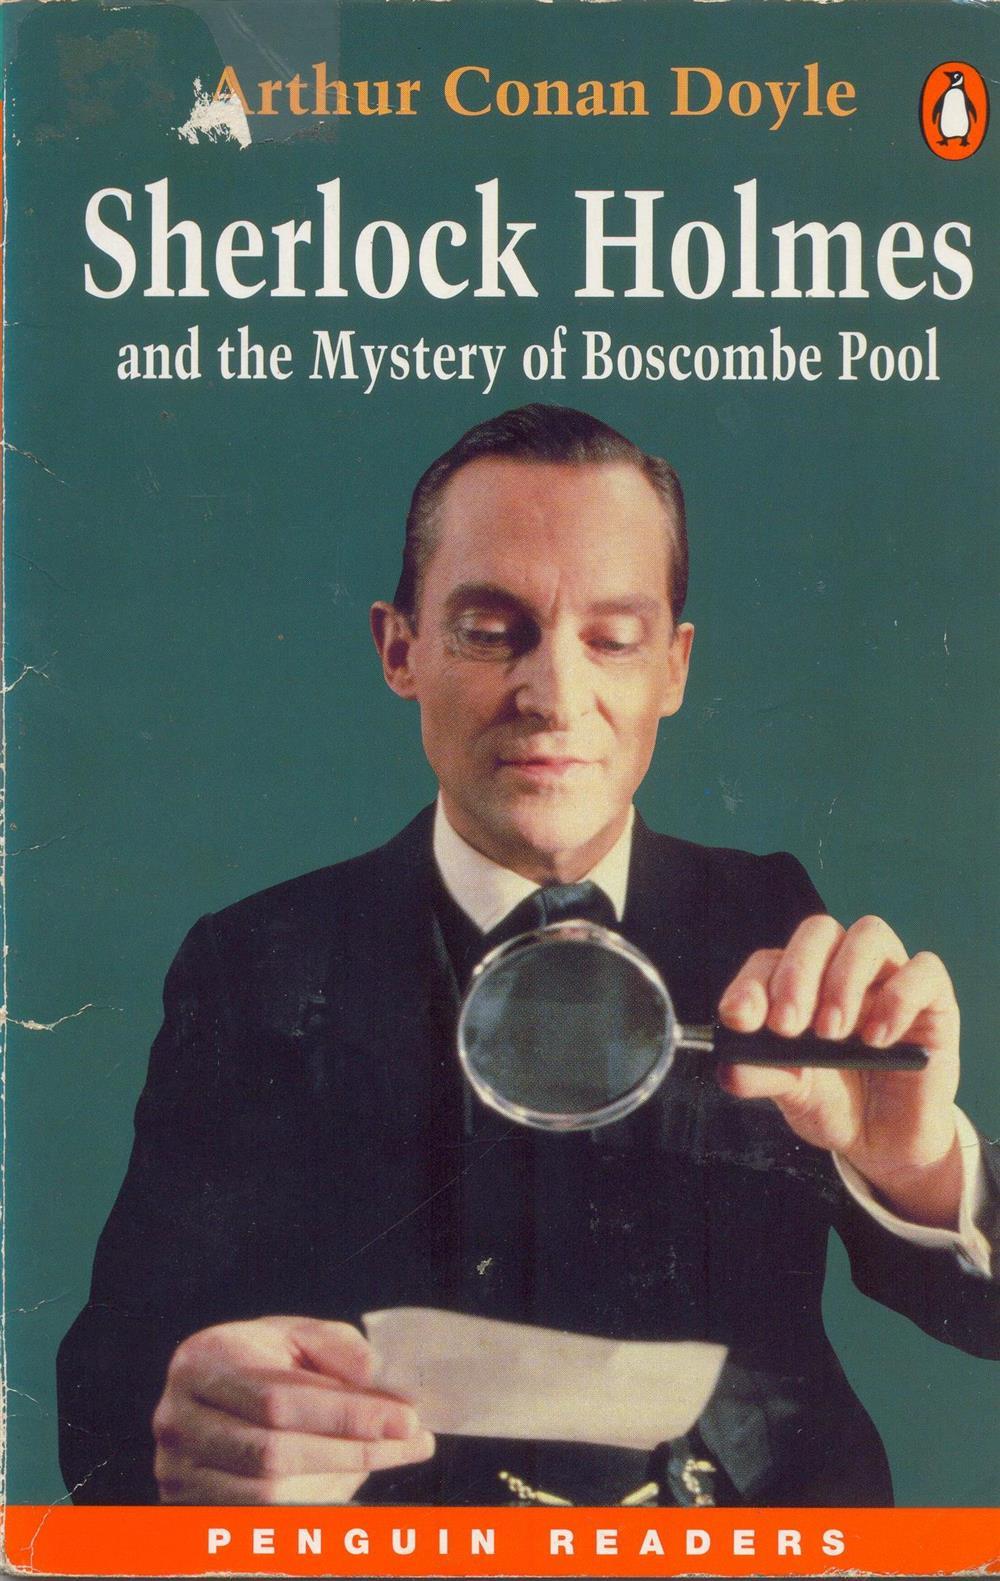 Sherlock Holmes 001.jpg